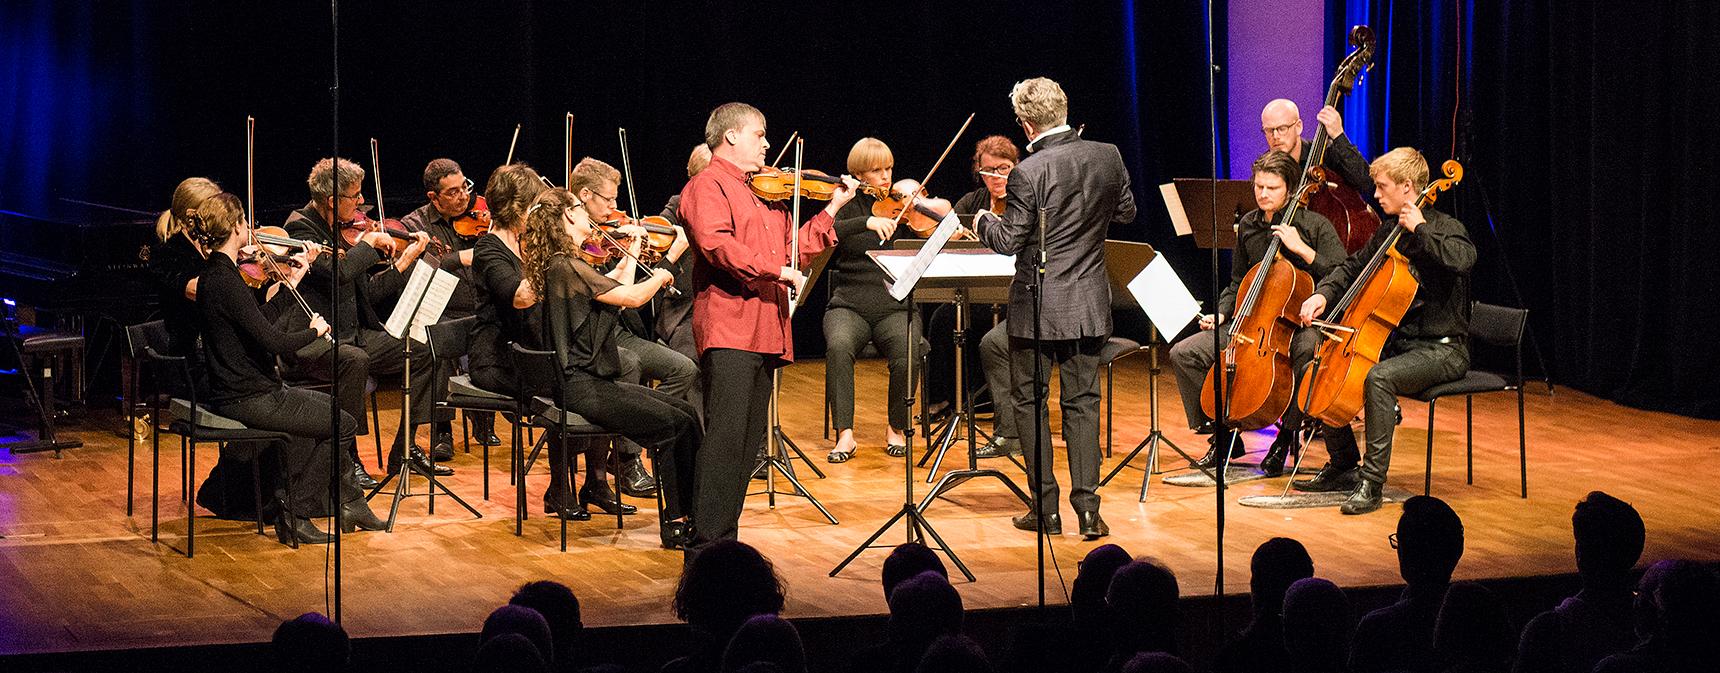 konsert klassisk musik på scenen Palladium